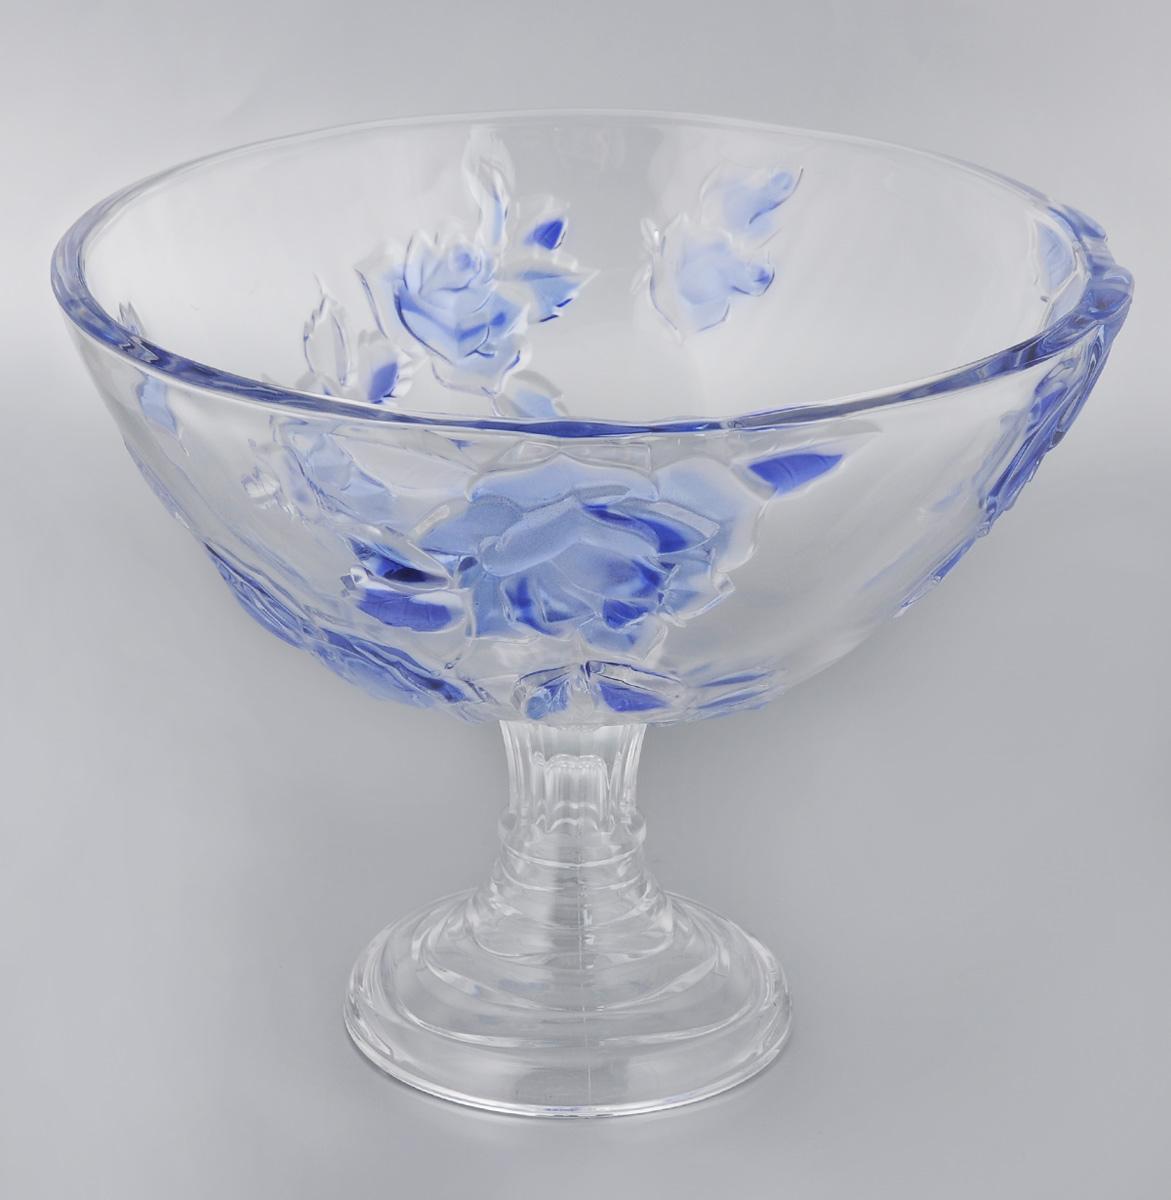 Конфетница Soga Rosette Blue, диаметр 28 смZ4865SЭлегантная конфетница Soga Rosette Blue на ножке, изготовленная из прочного стекла, имеет многогранную рельефную поверхность. Конфетница предназначена для красивой сервировки сладостей. Изделие придется по вкусу и ценителям классики, и тем, кто предпочитает утонченность и изящность. Конфетница Soga Rosette Blue украсит сервировку вашего стола и подчеркнет прекрасный вкус хозяина, а также станет отличным подарком.Можно мыть в посудомоечной машине.